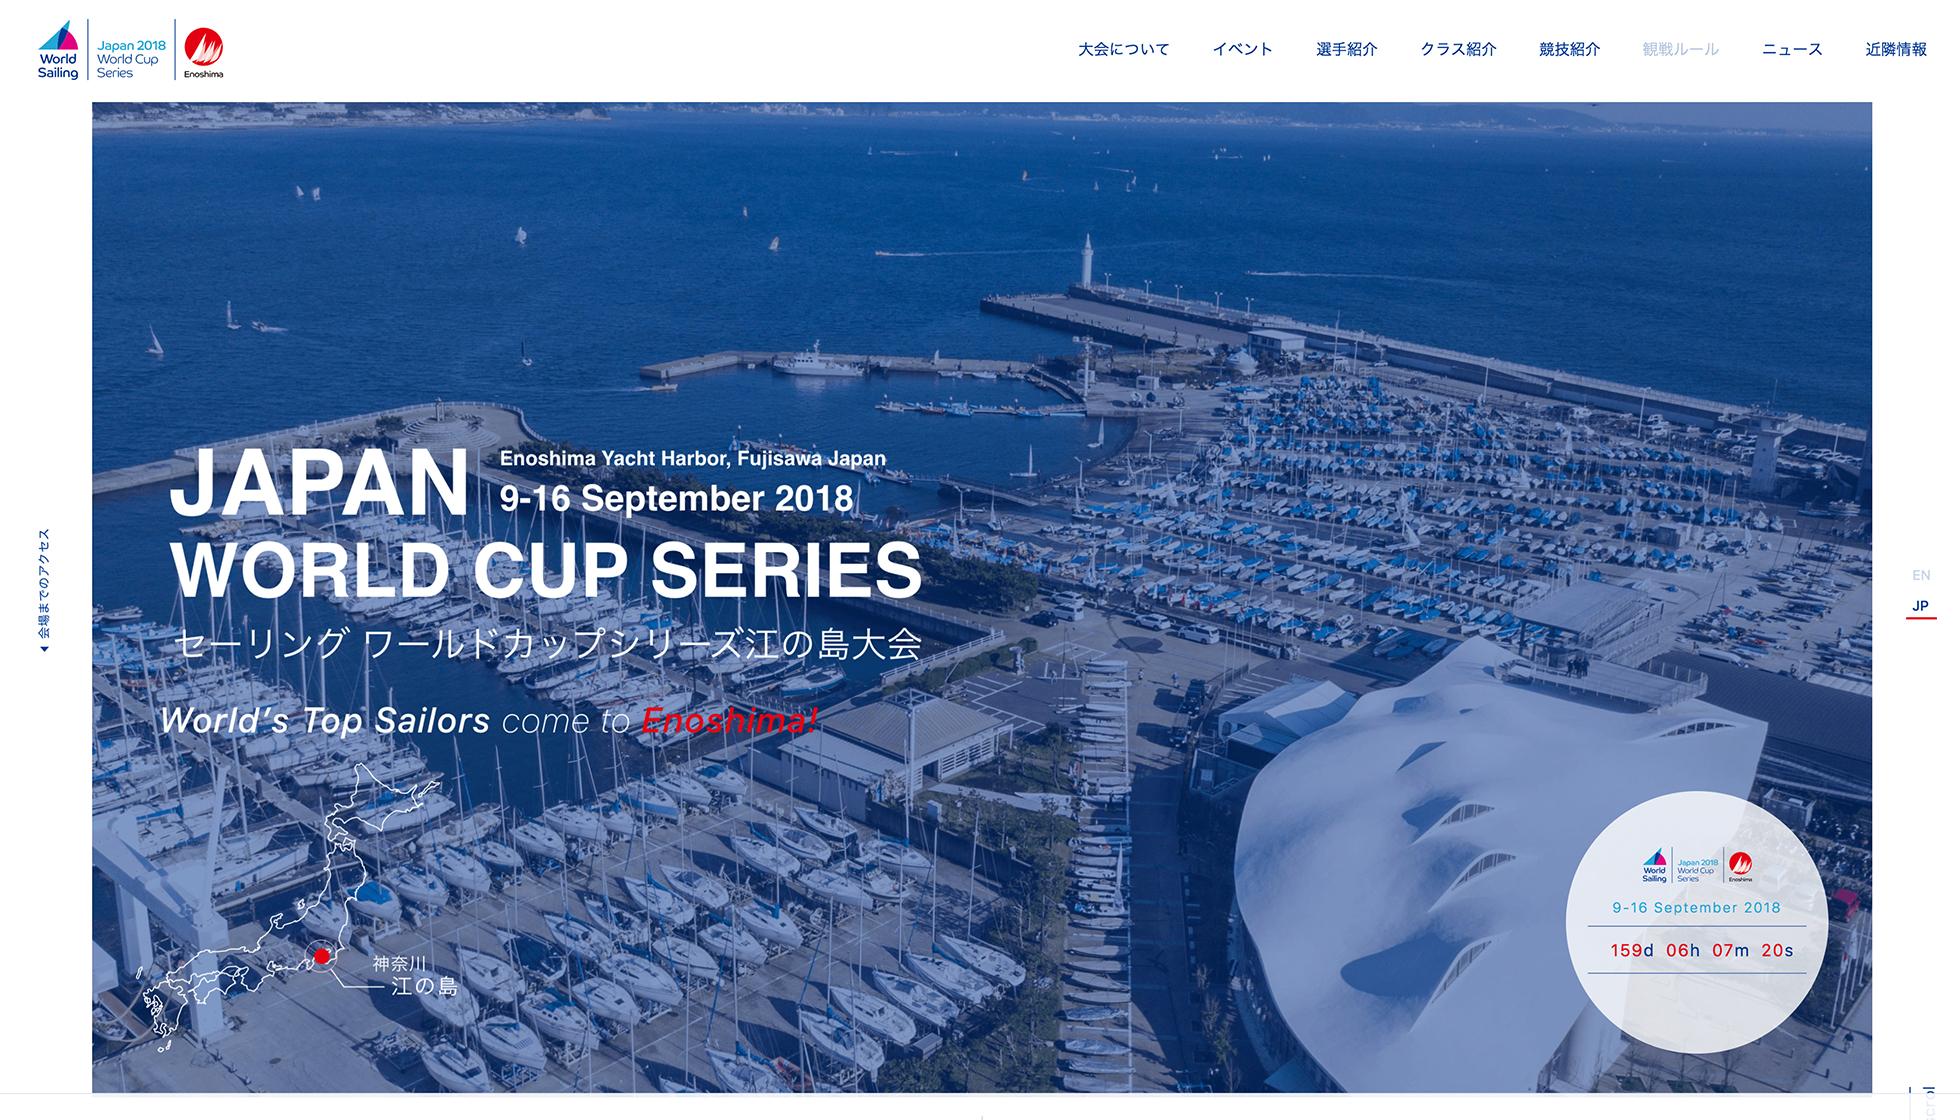 セーリングワールドカップ ホームページ画像